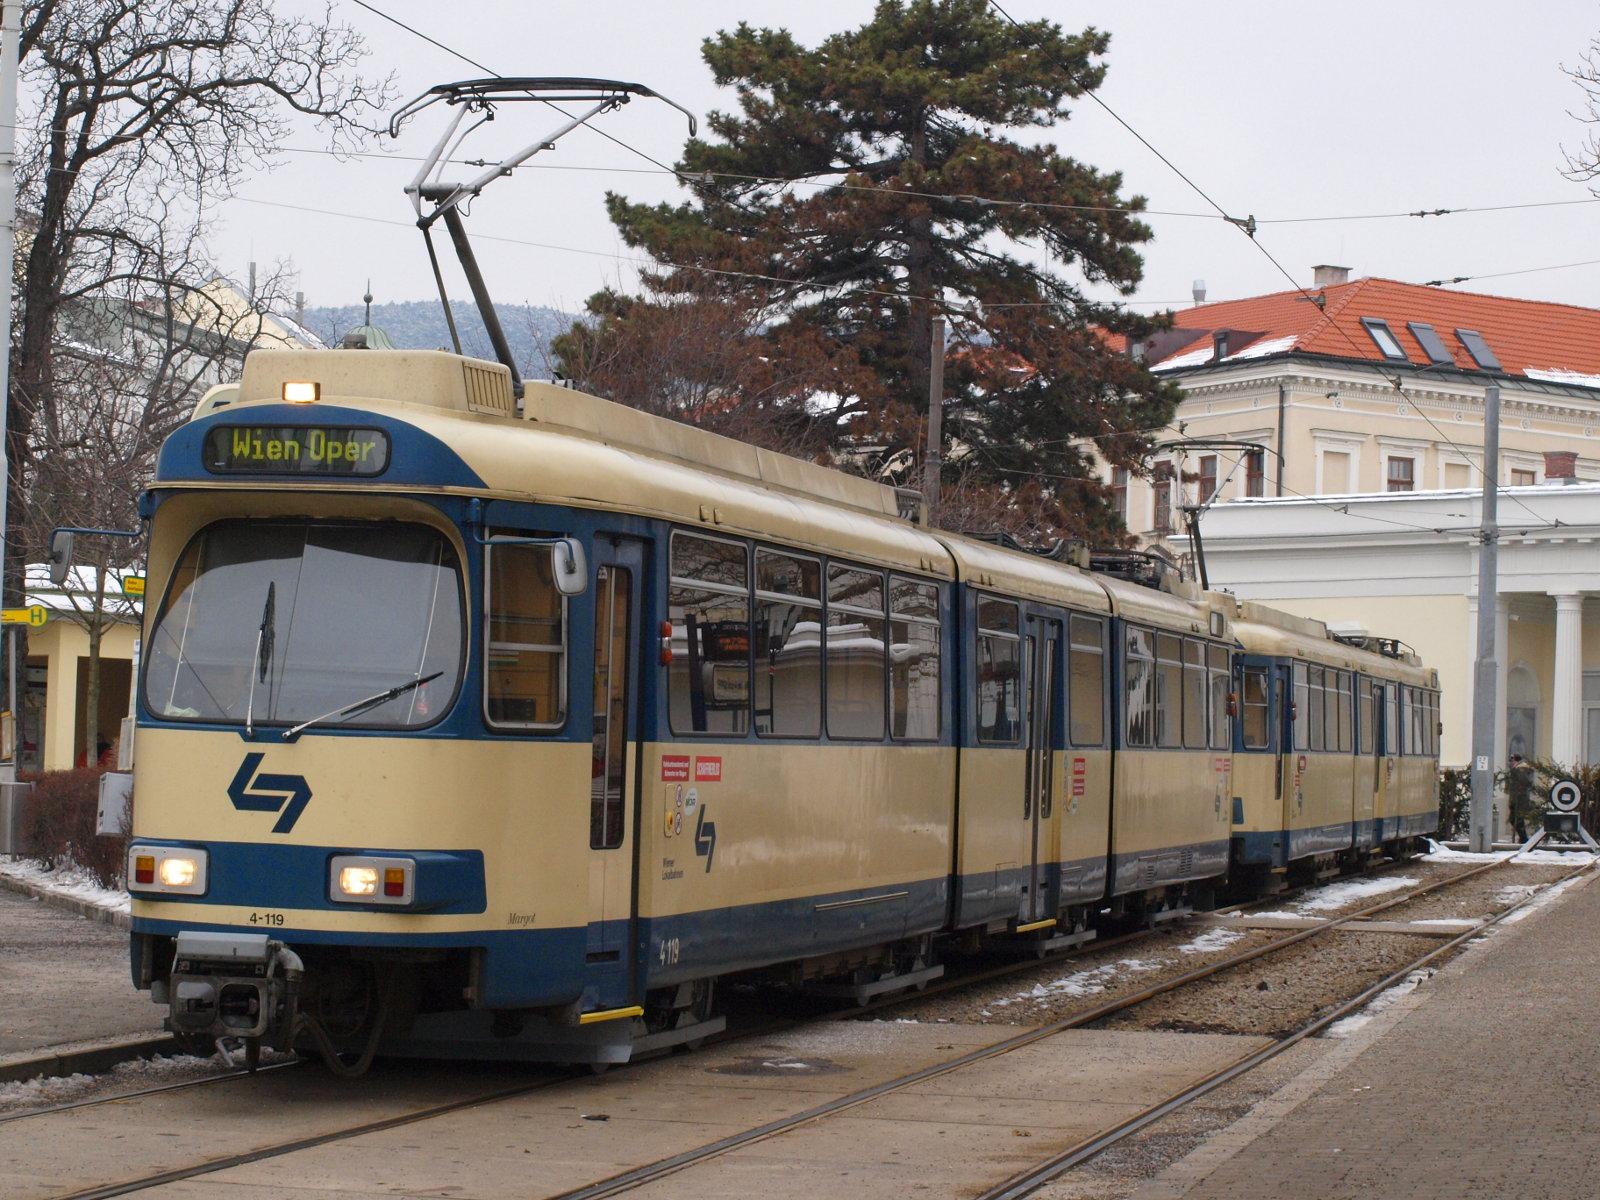 Vozy řady TW100 jsou pro dráhu Vídeň - Baden v současné době nepostradatelné. Vídeň však vybrala už jejich nástupce. (zdroj: Wikipedia.org)